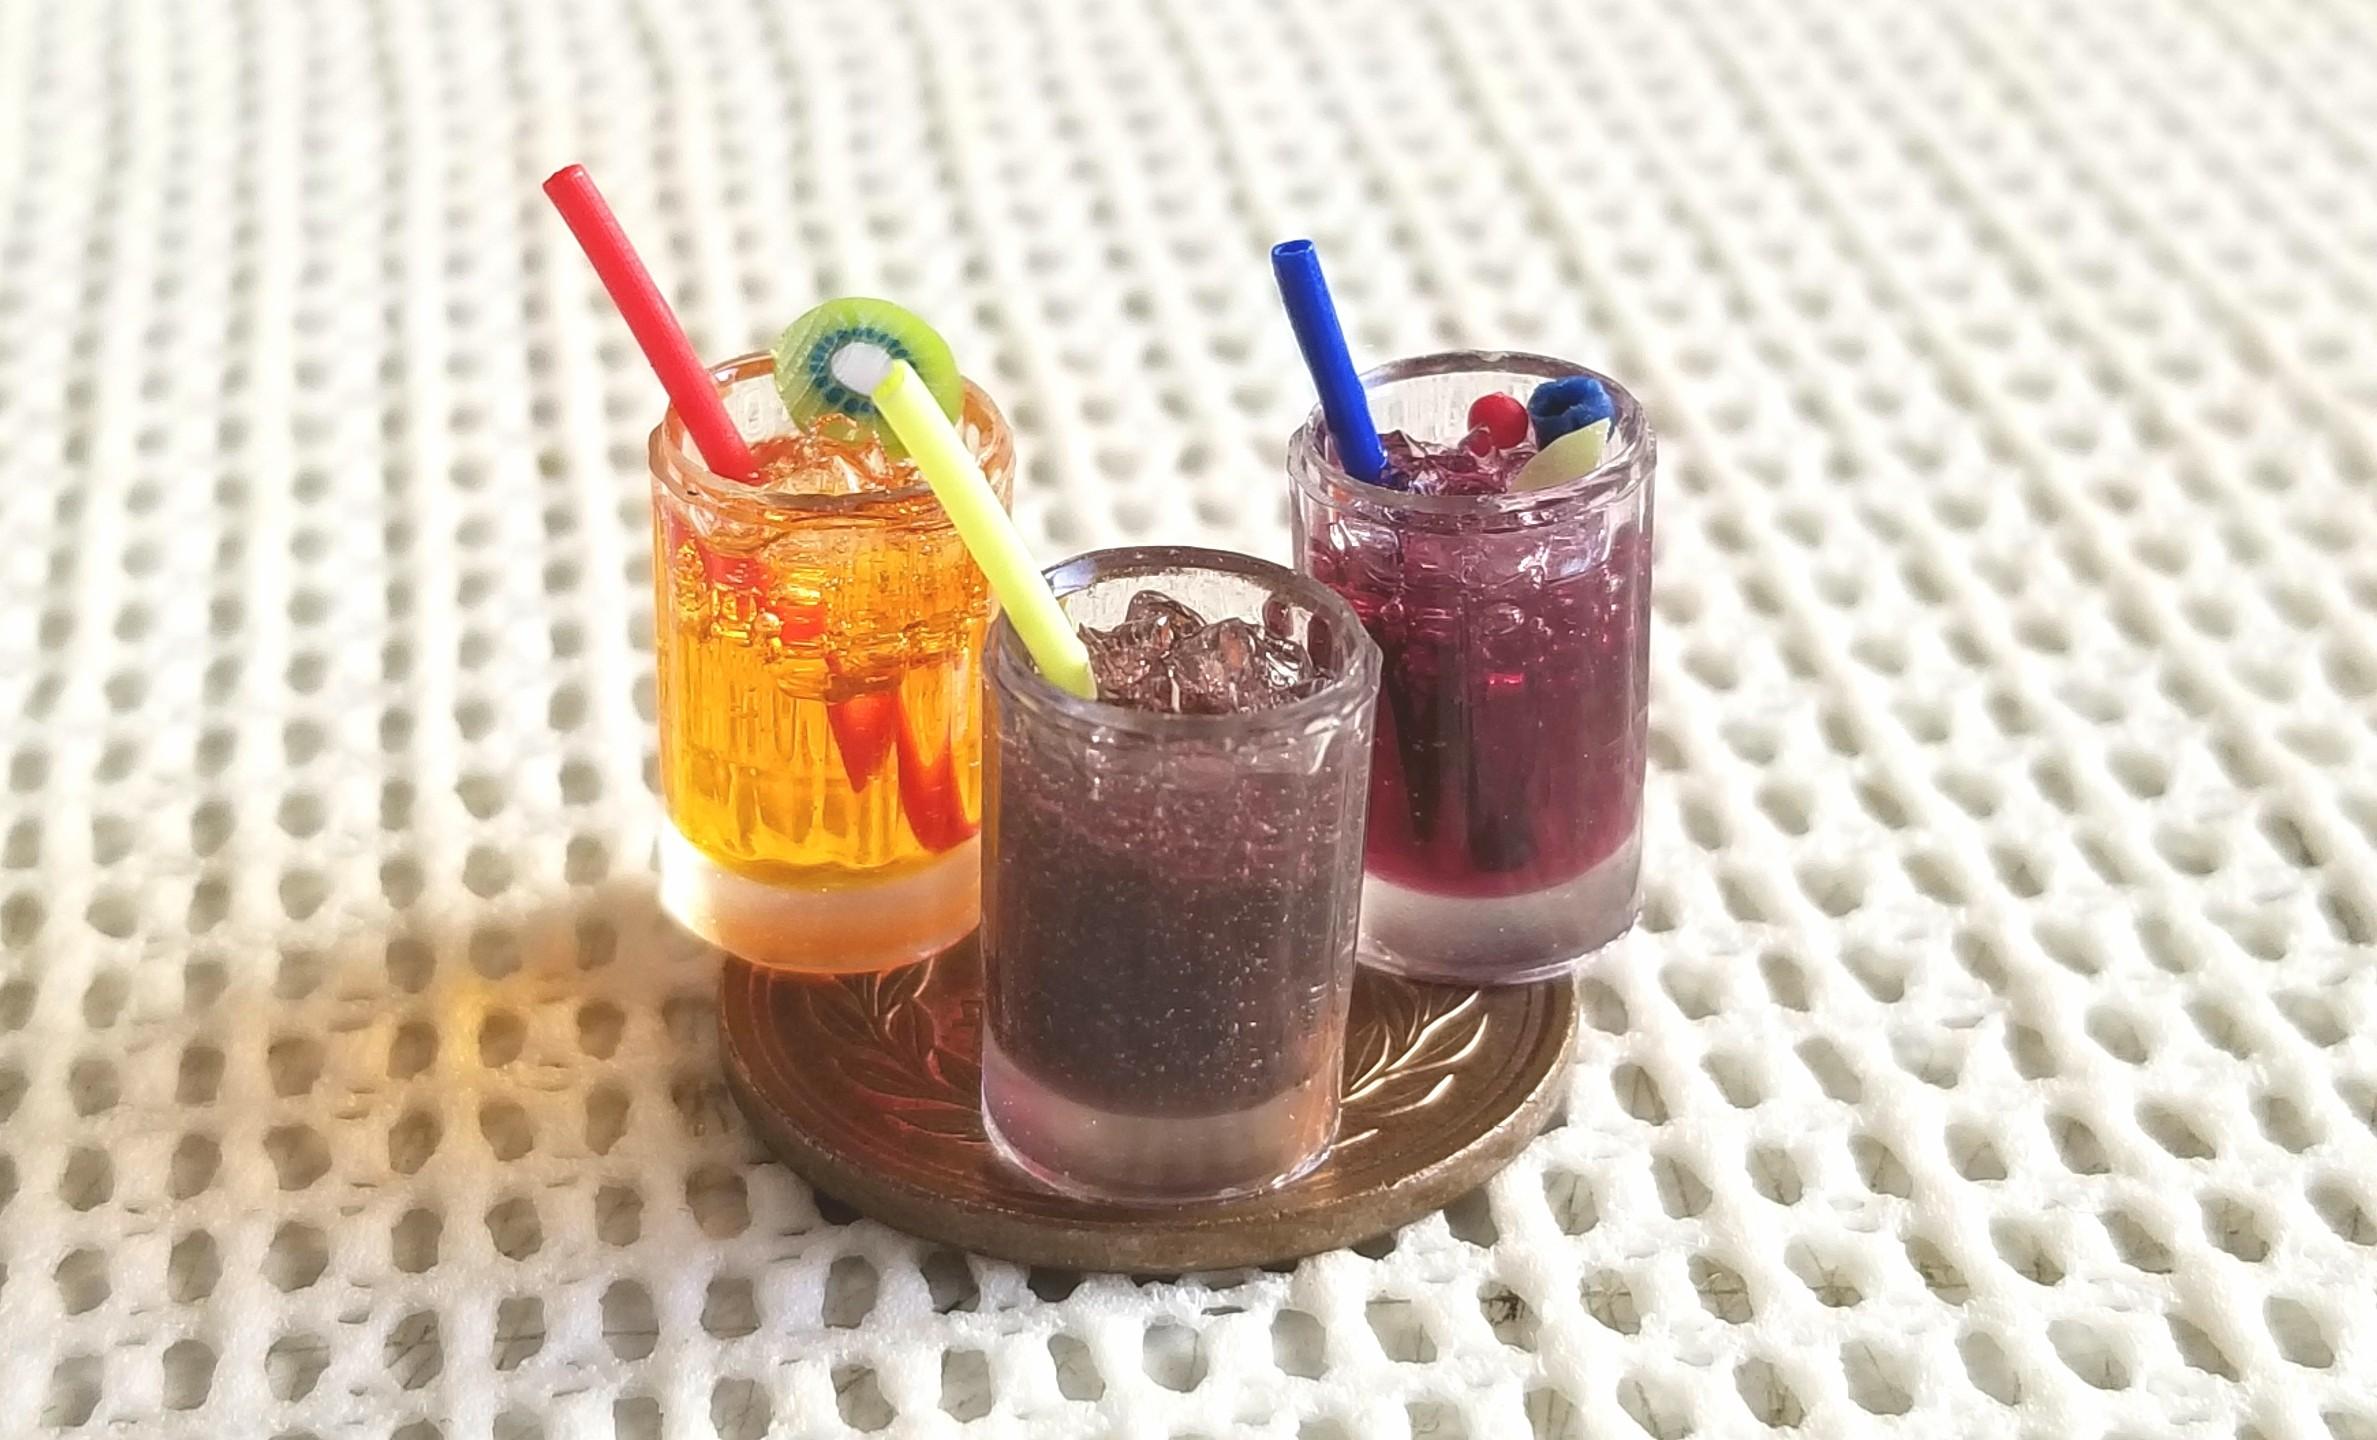 コーラ,ジュース,カクテル,作り方,レジン,ドリンク,オレンジ,ぶどう